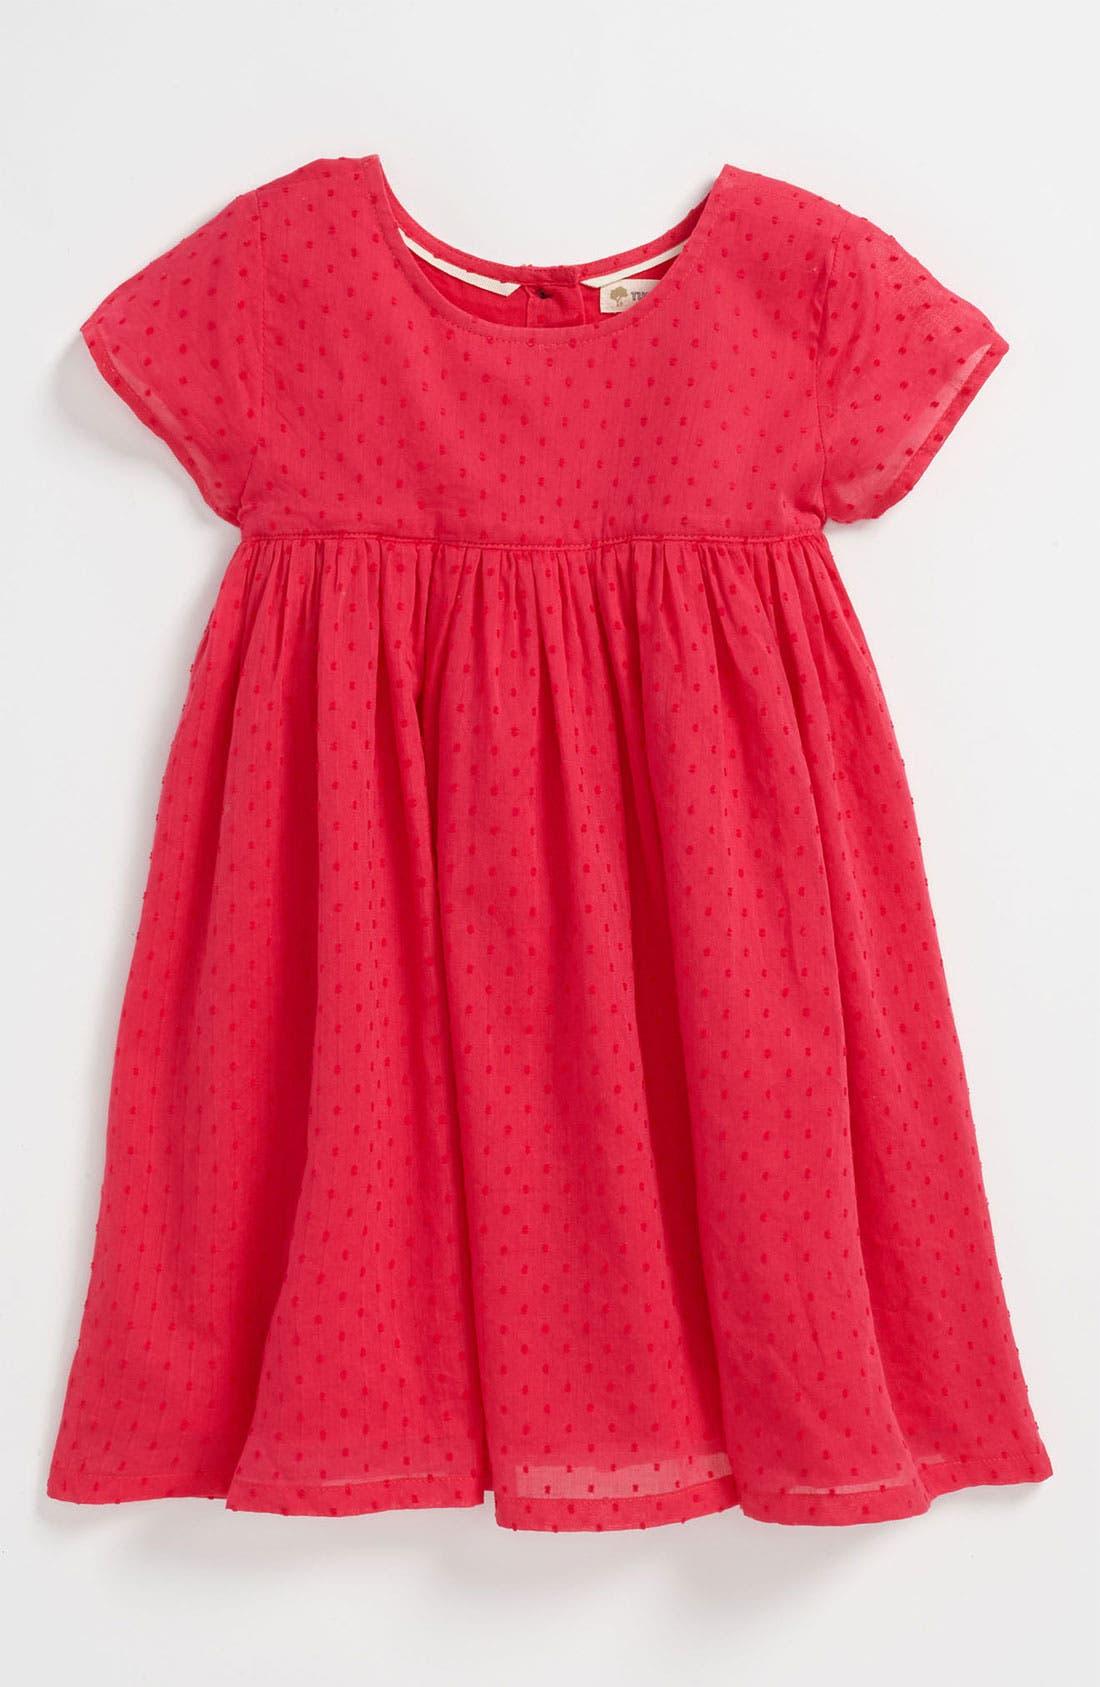 Main Image - Tucker + Tate 'Iris' Dress (Toddler)